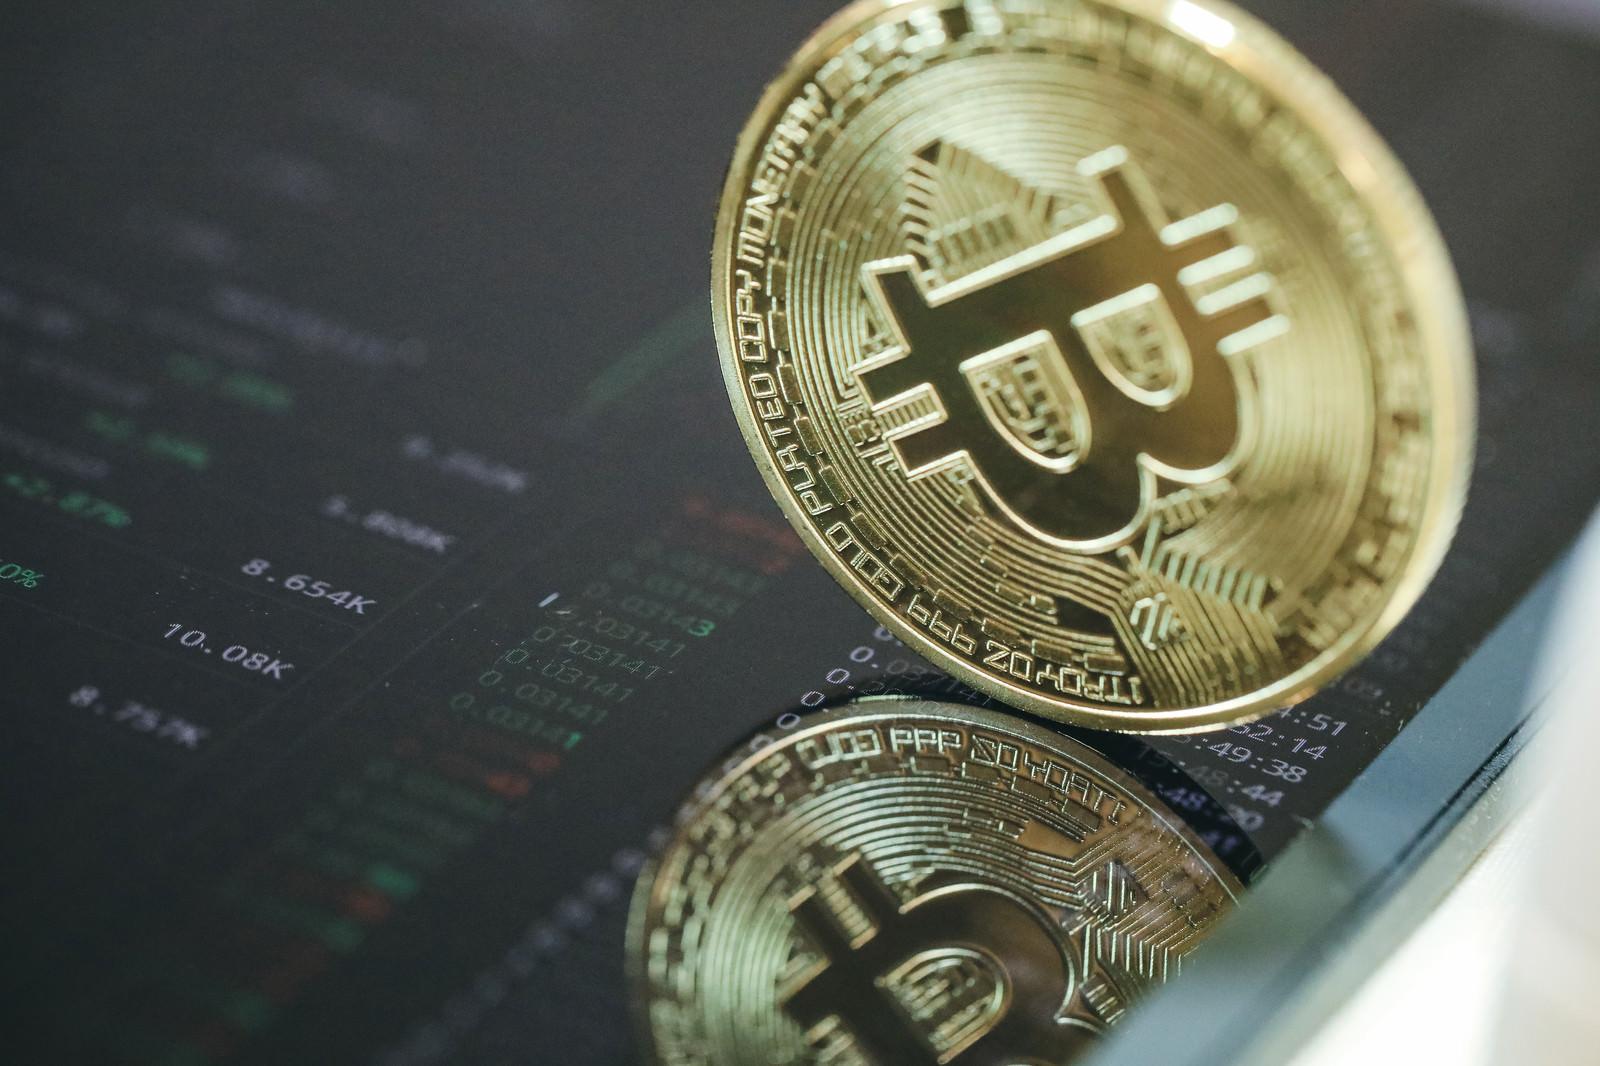 「取引画面に映りこむビットコイン(仮想通貨)」の写真